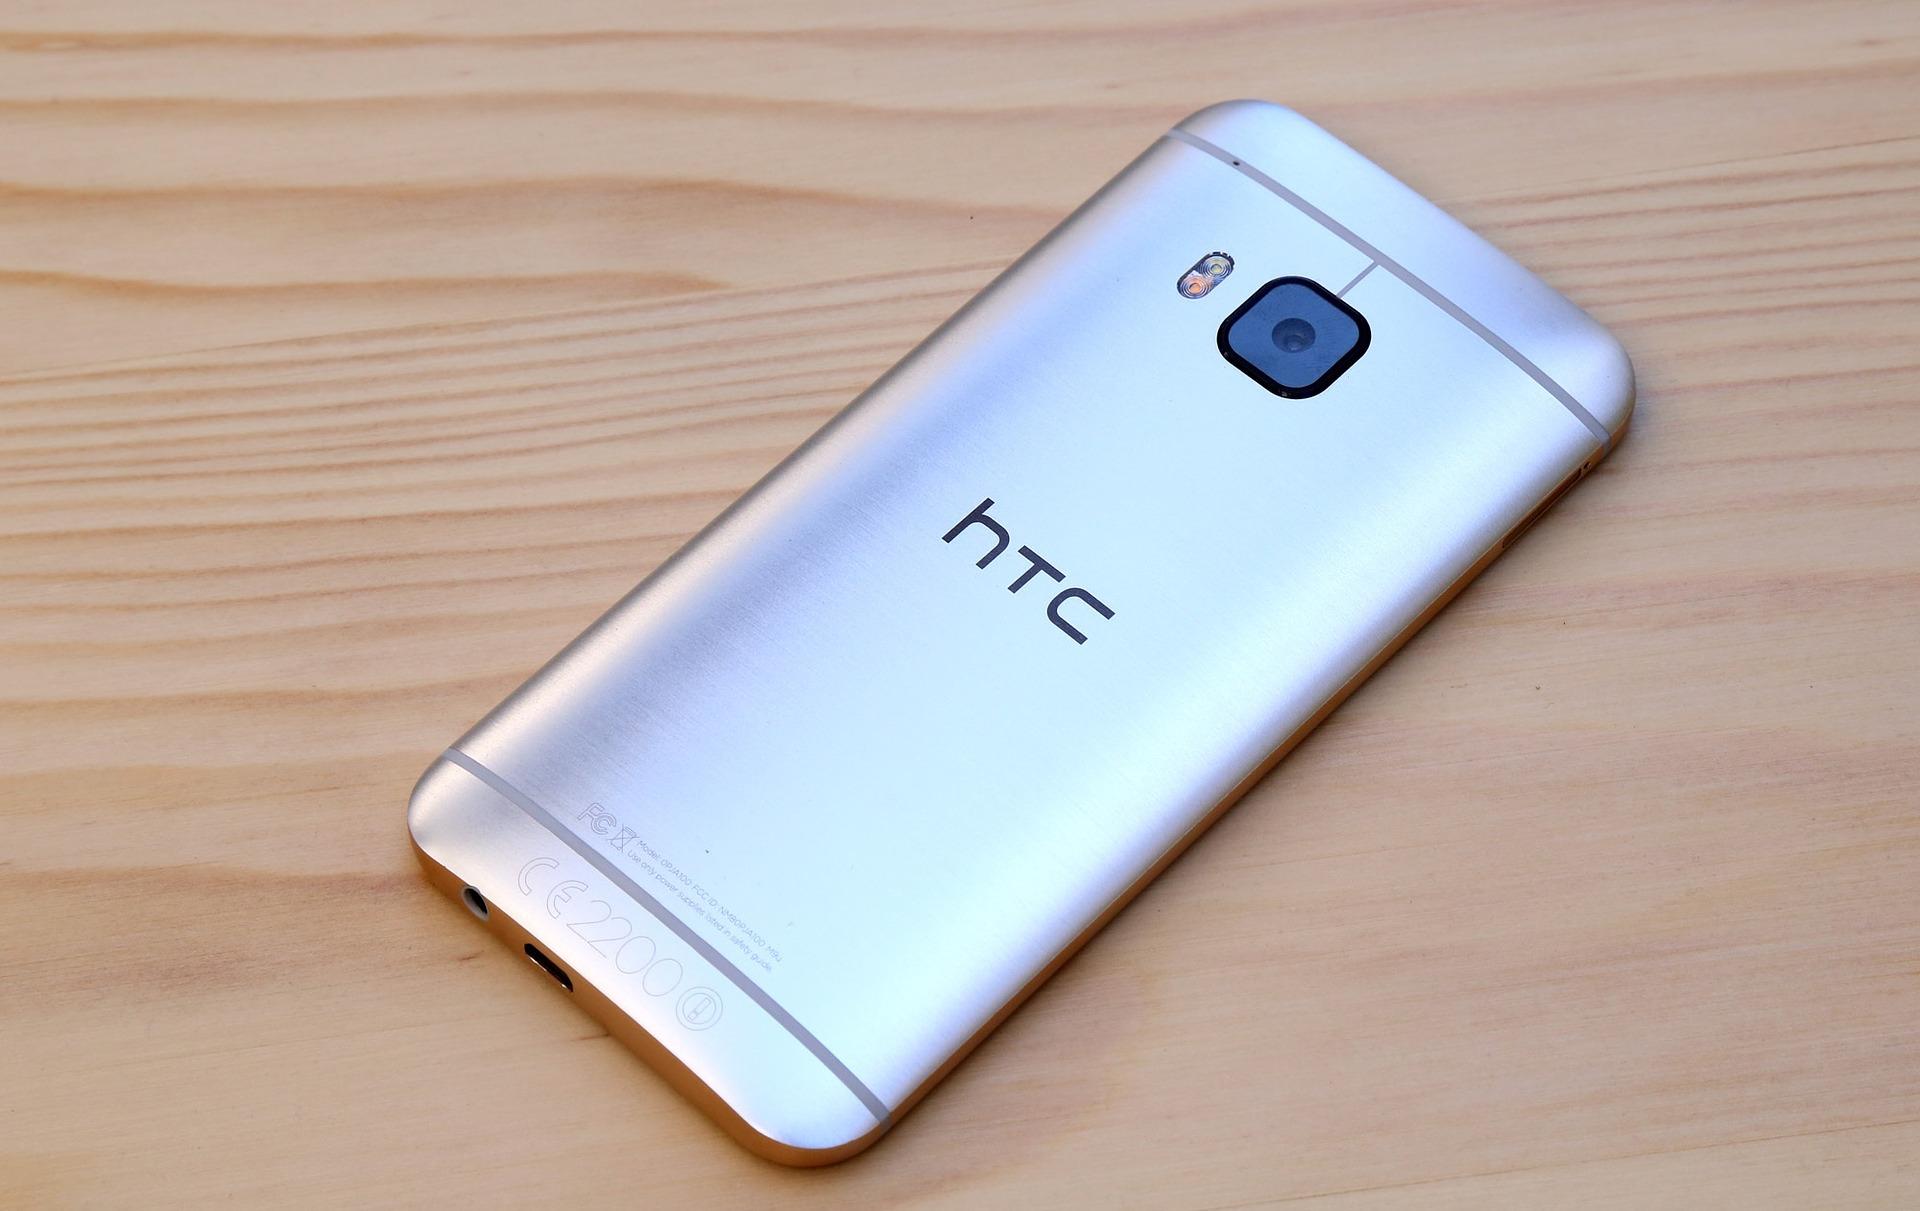 htc 878840 1920 - Migliora la qualità delle tue telefonate utilizzando il cellulare HTC più economico